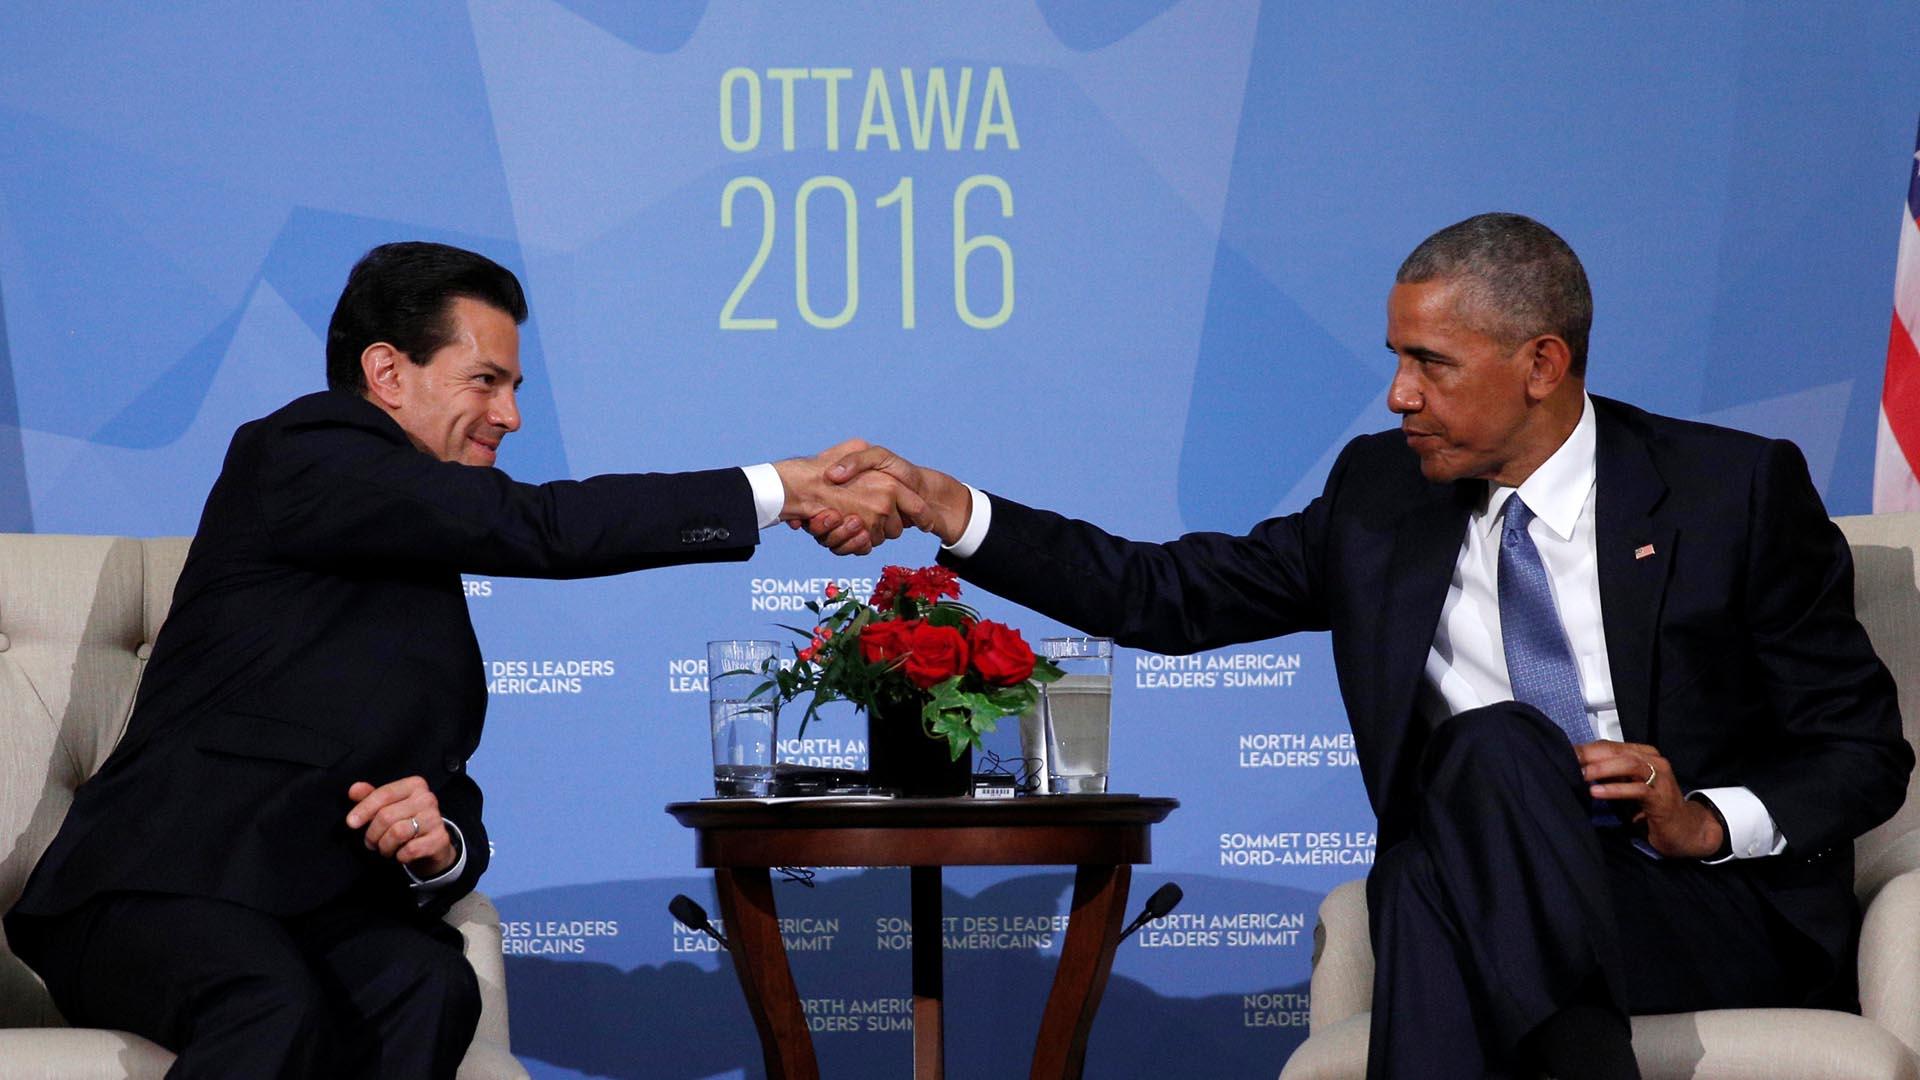 El presidente Unidos Barack Obama le manifestó al presidente Enrique Peña Nieto sus intenciones de seguir trabajando juntos